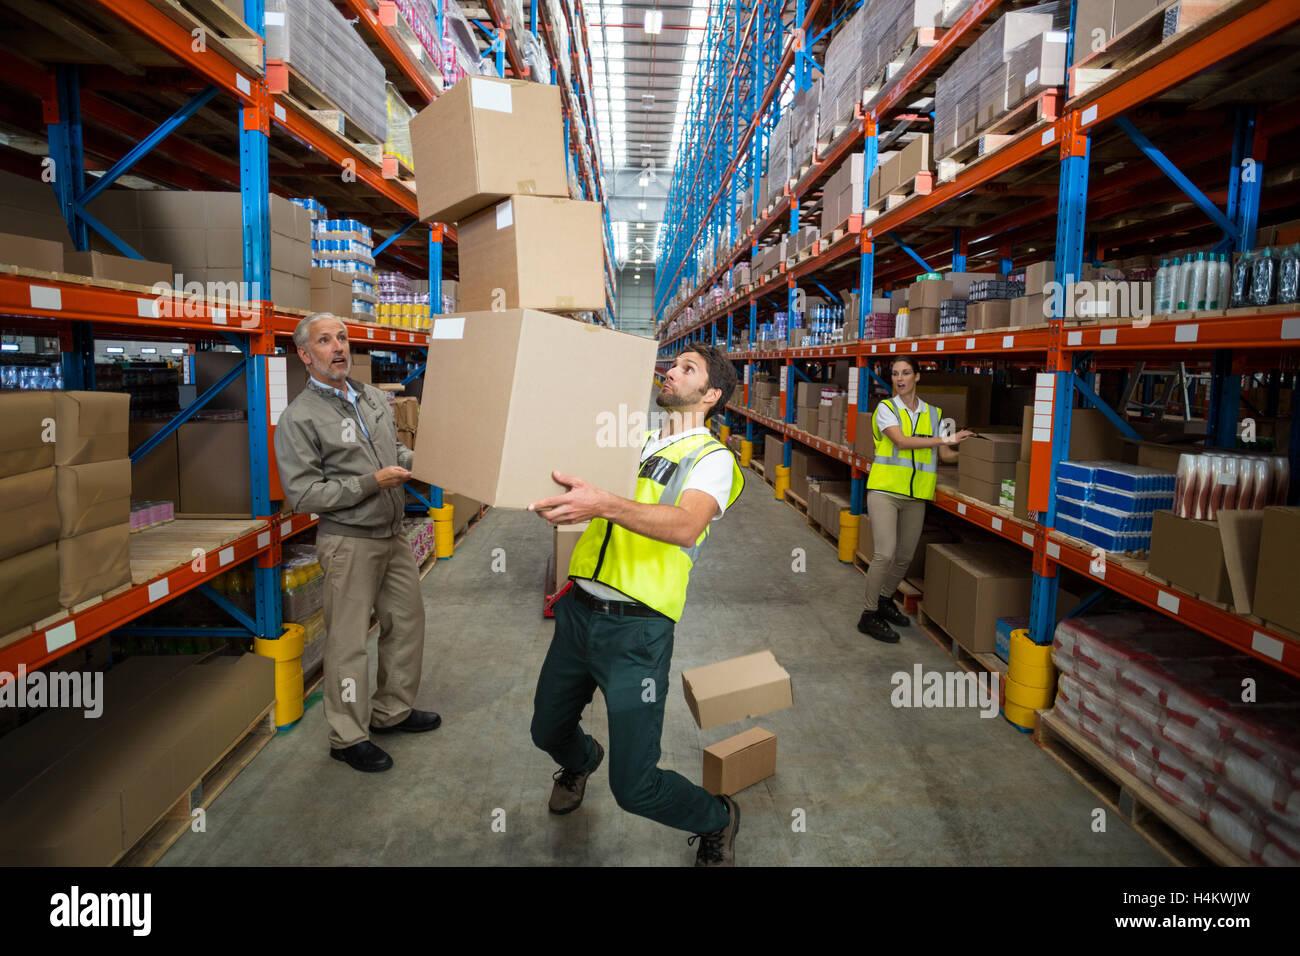 Perdre son travailleur équilibre tout en transportant des boîtes de carton Photo Stock